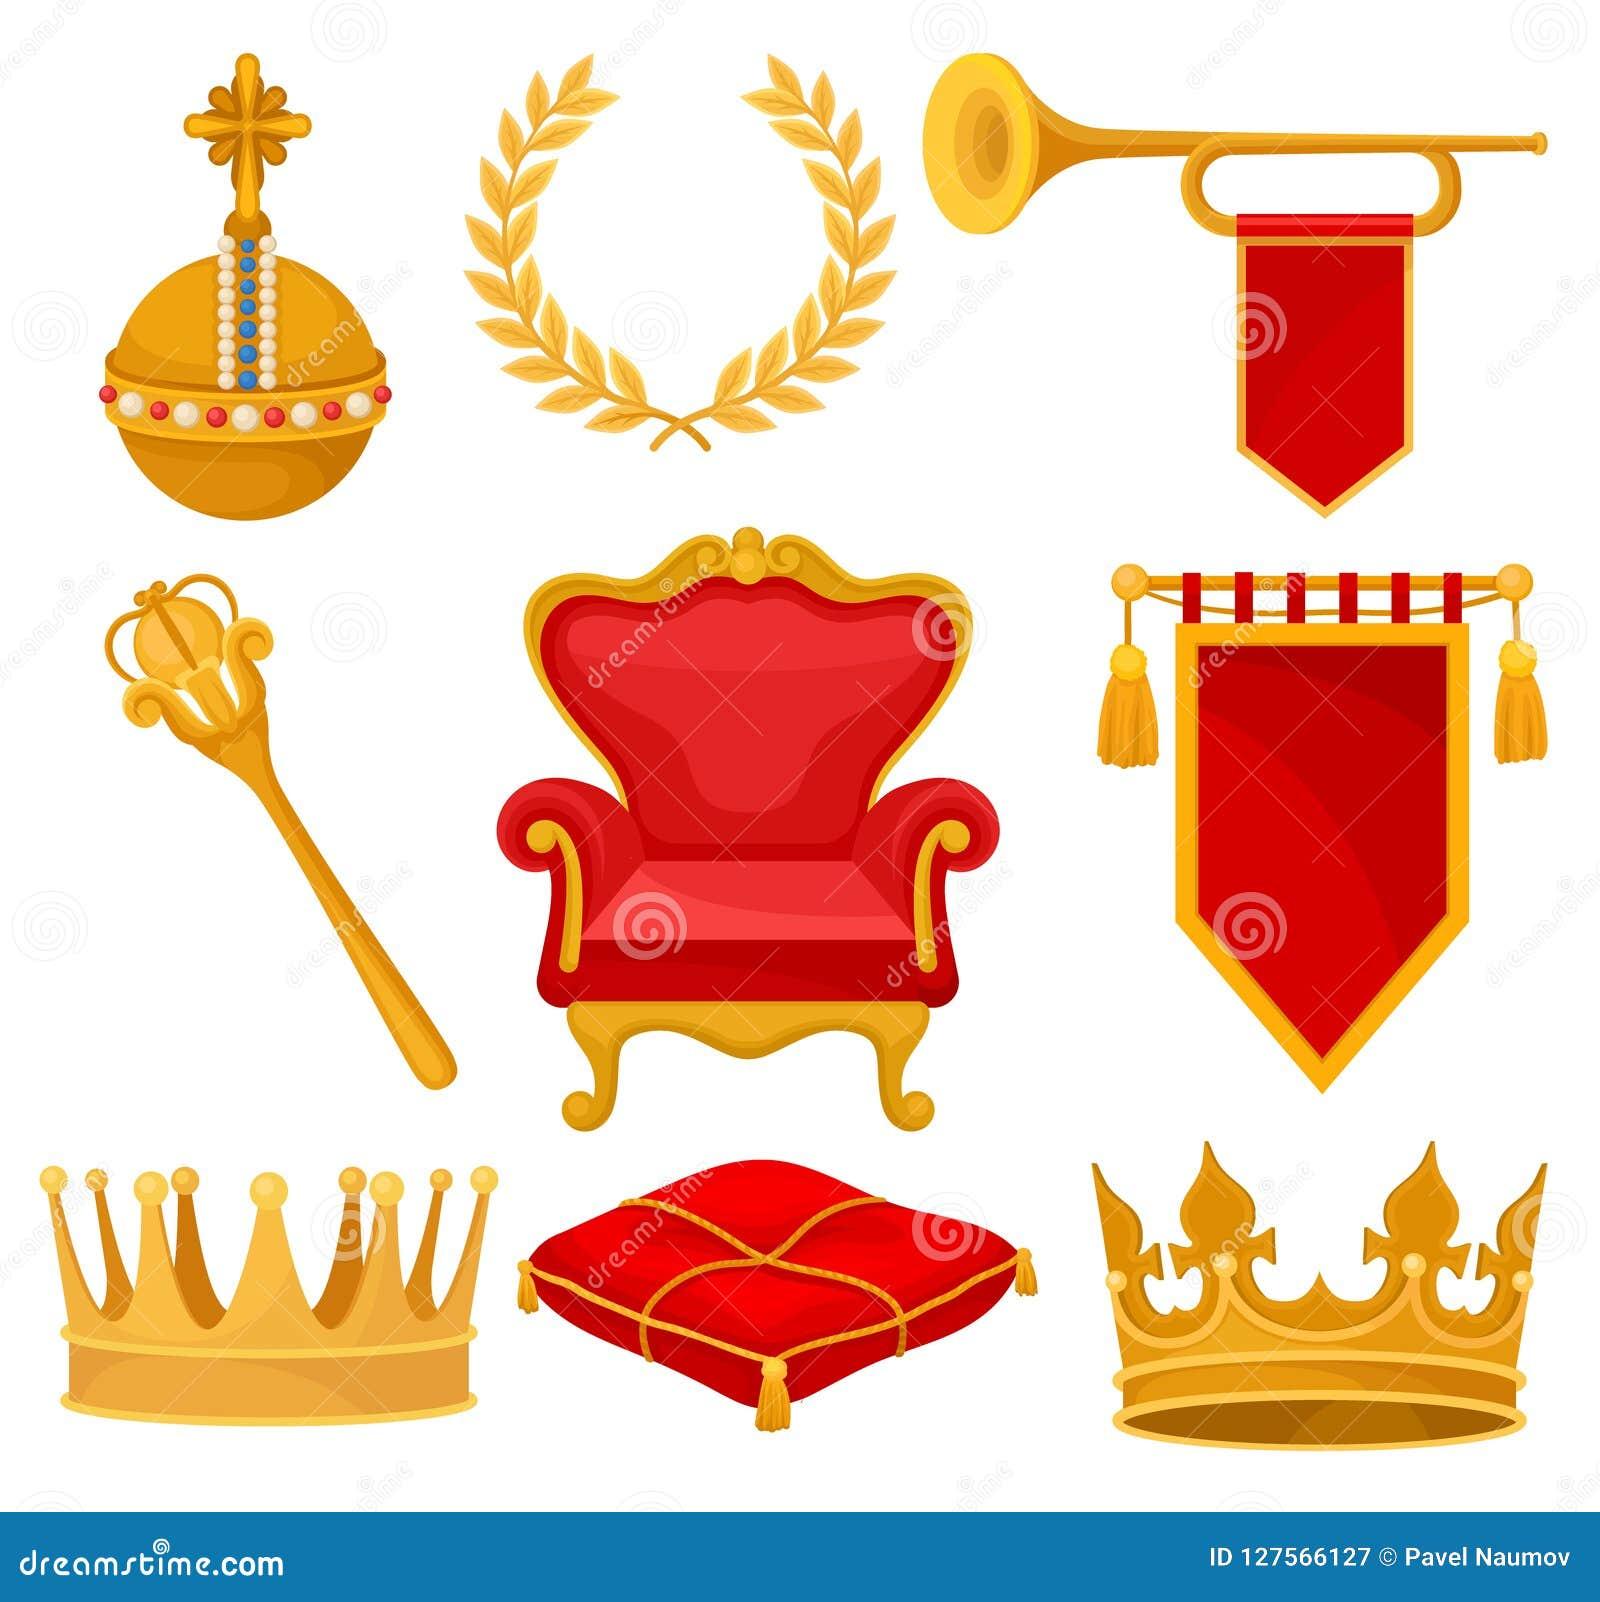 De monarchieattributen plaatsen, gouden orb, lauwerkrans, trompet, troon, scepter, plechtig hoofdkussen, kroon, heraldische vlag,